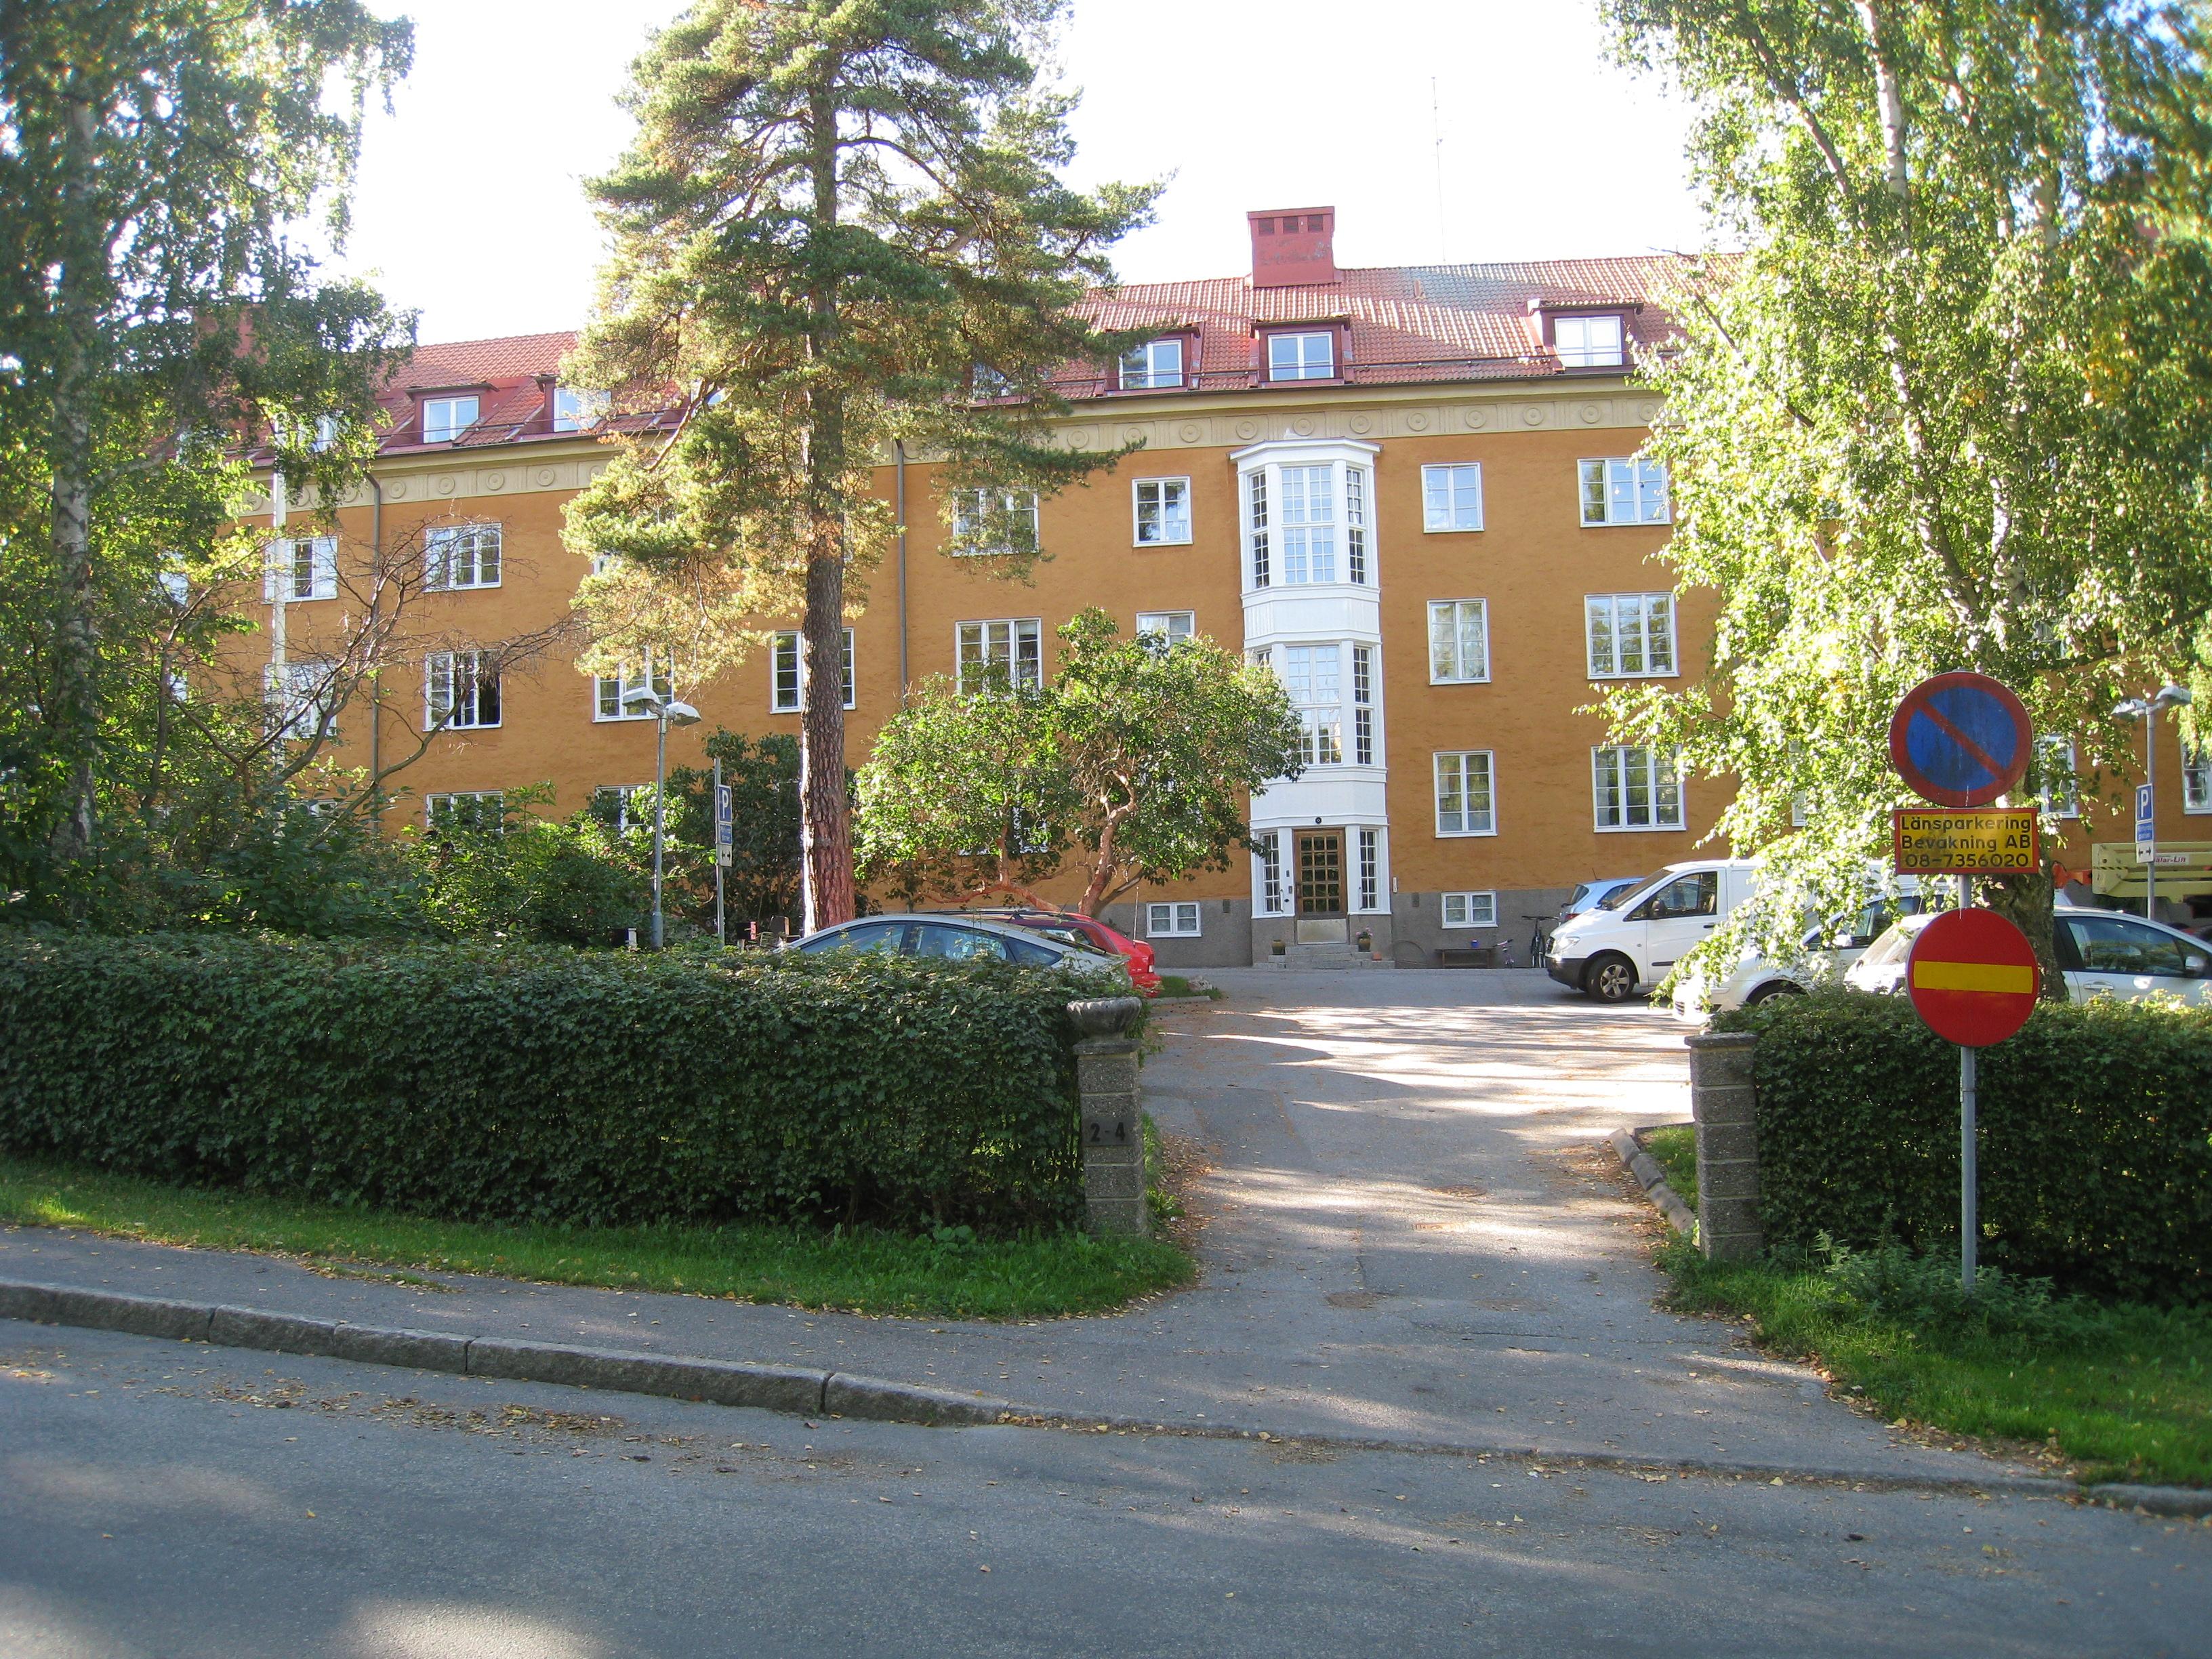 Musik i sommarkvll - Vsterleds frsamling - Svenska kyrkan